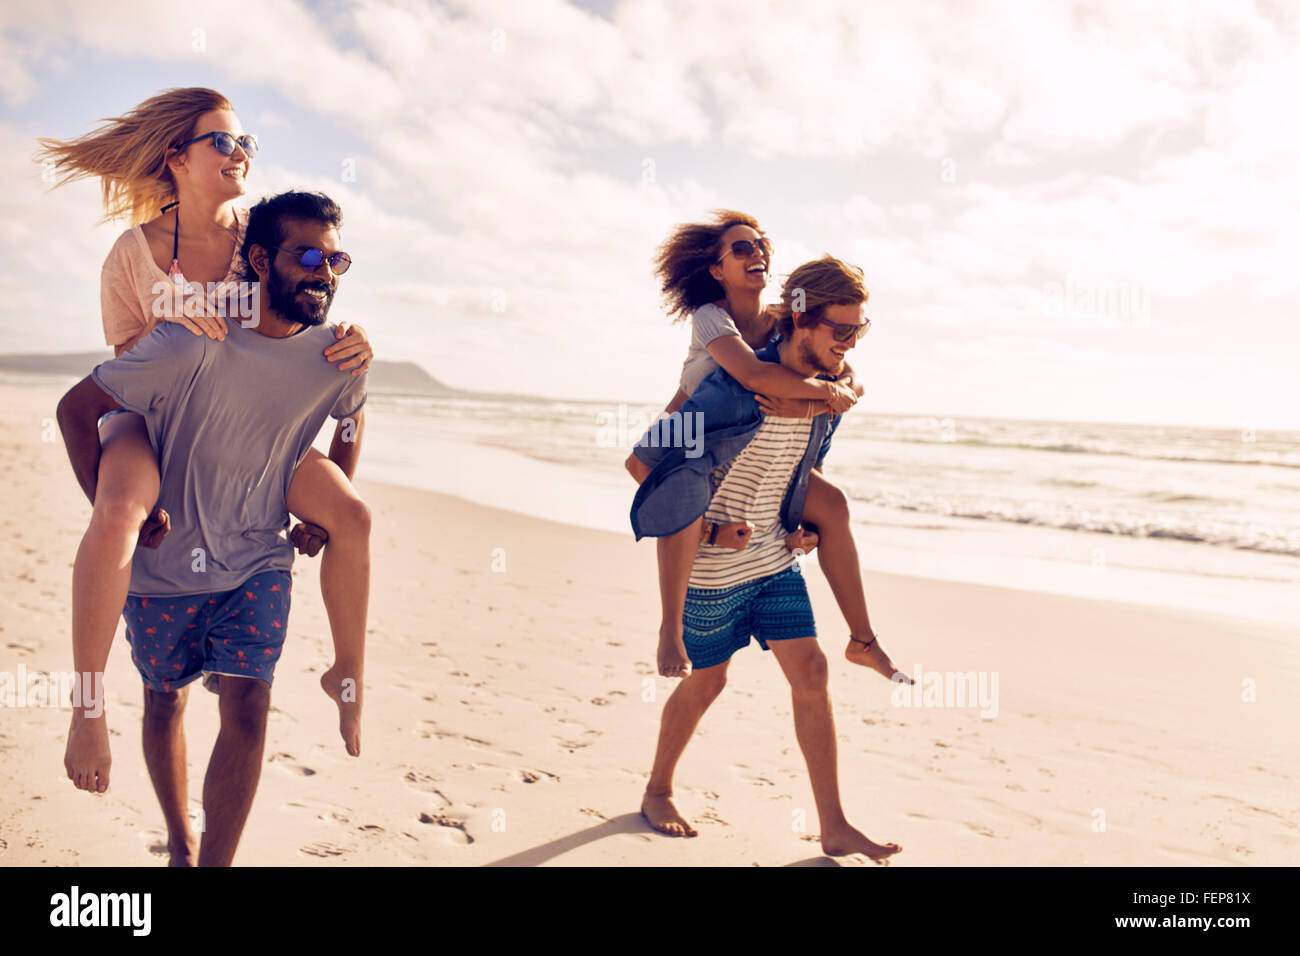 Zwei schöne junge Paare zu Fuß am Strand, mit Männern, die ihre Frauen auf ihren Rücken zu tragen. Stockbild